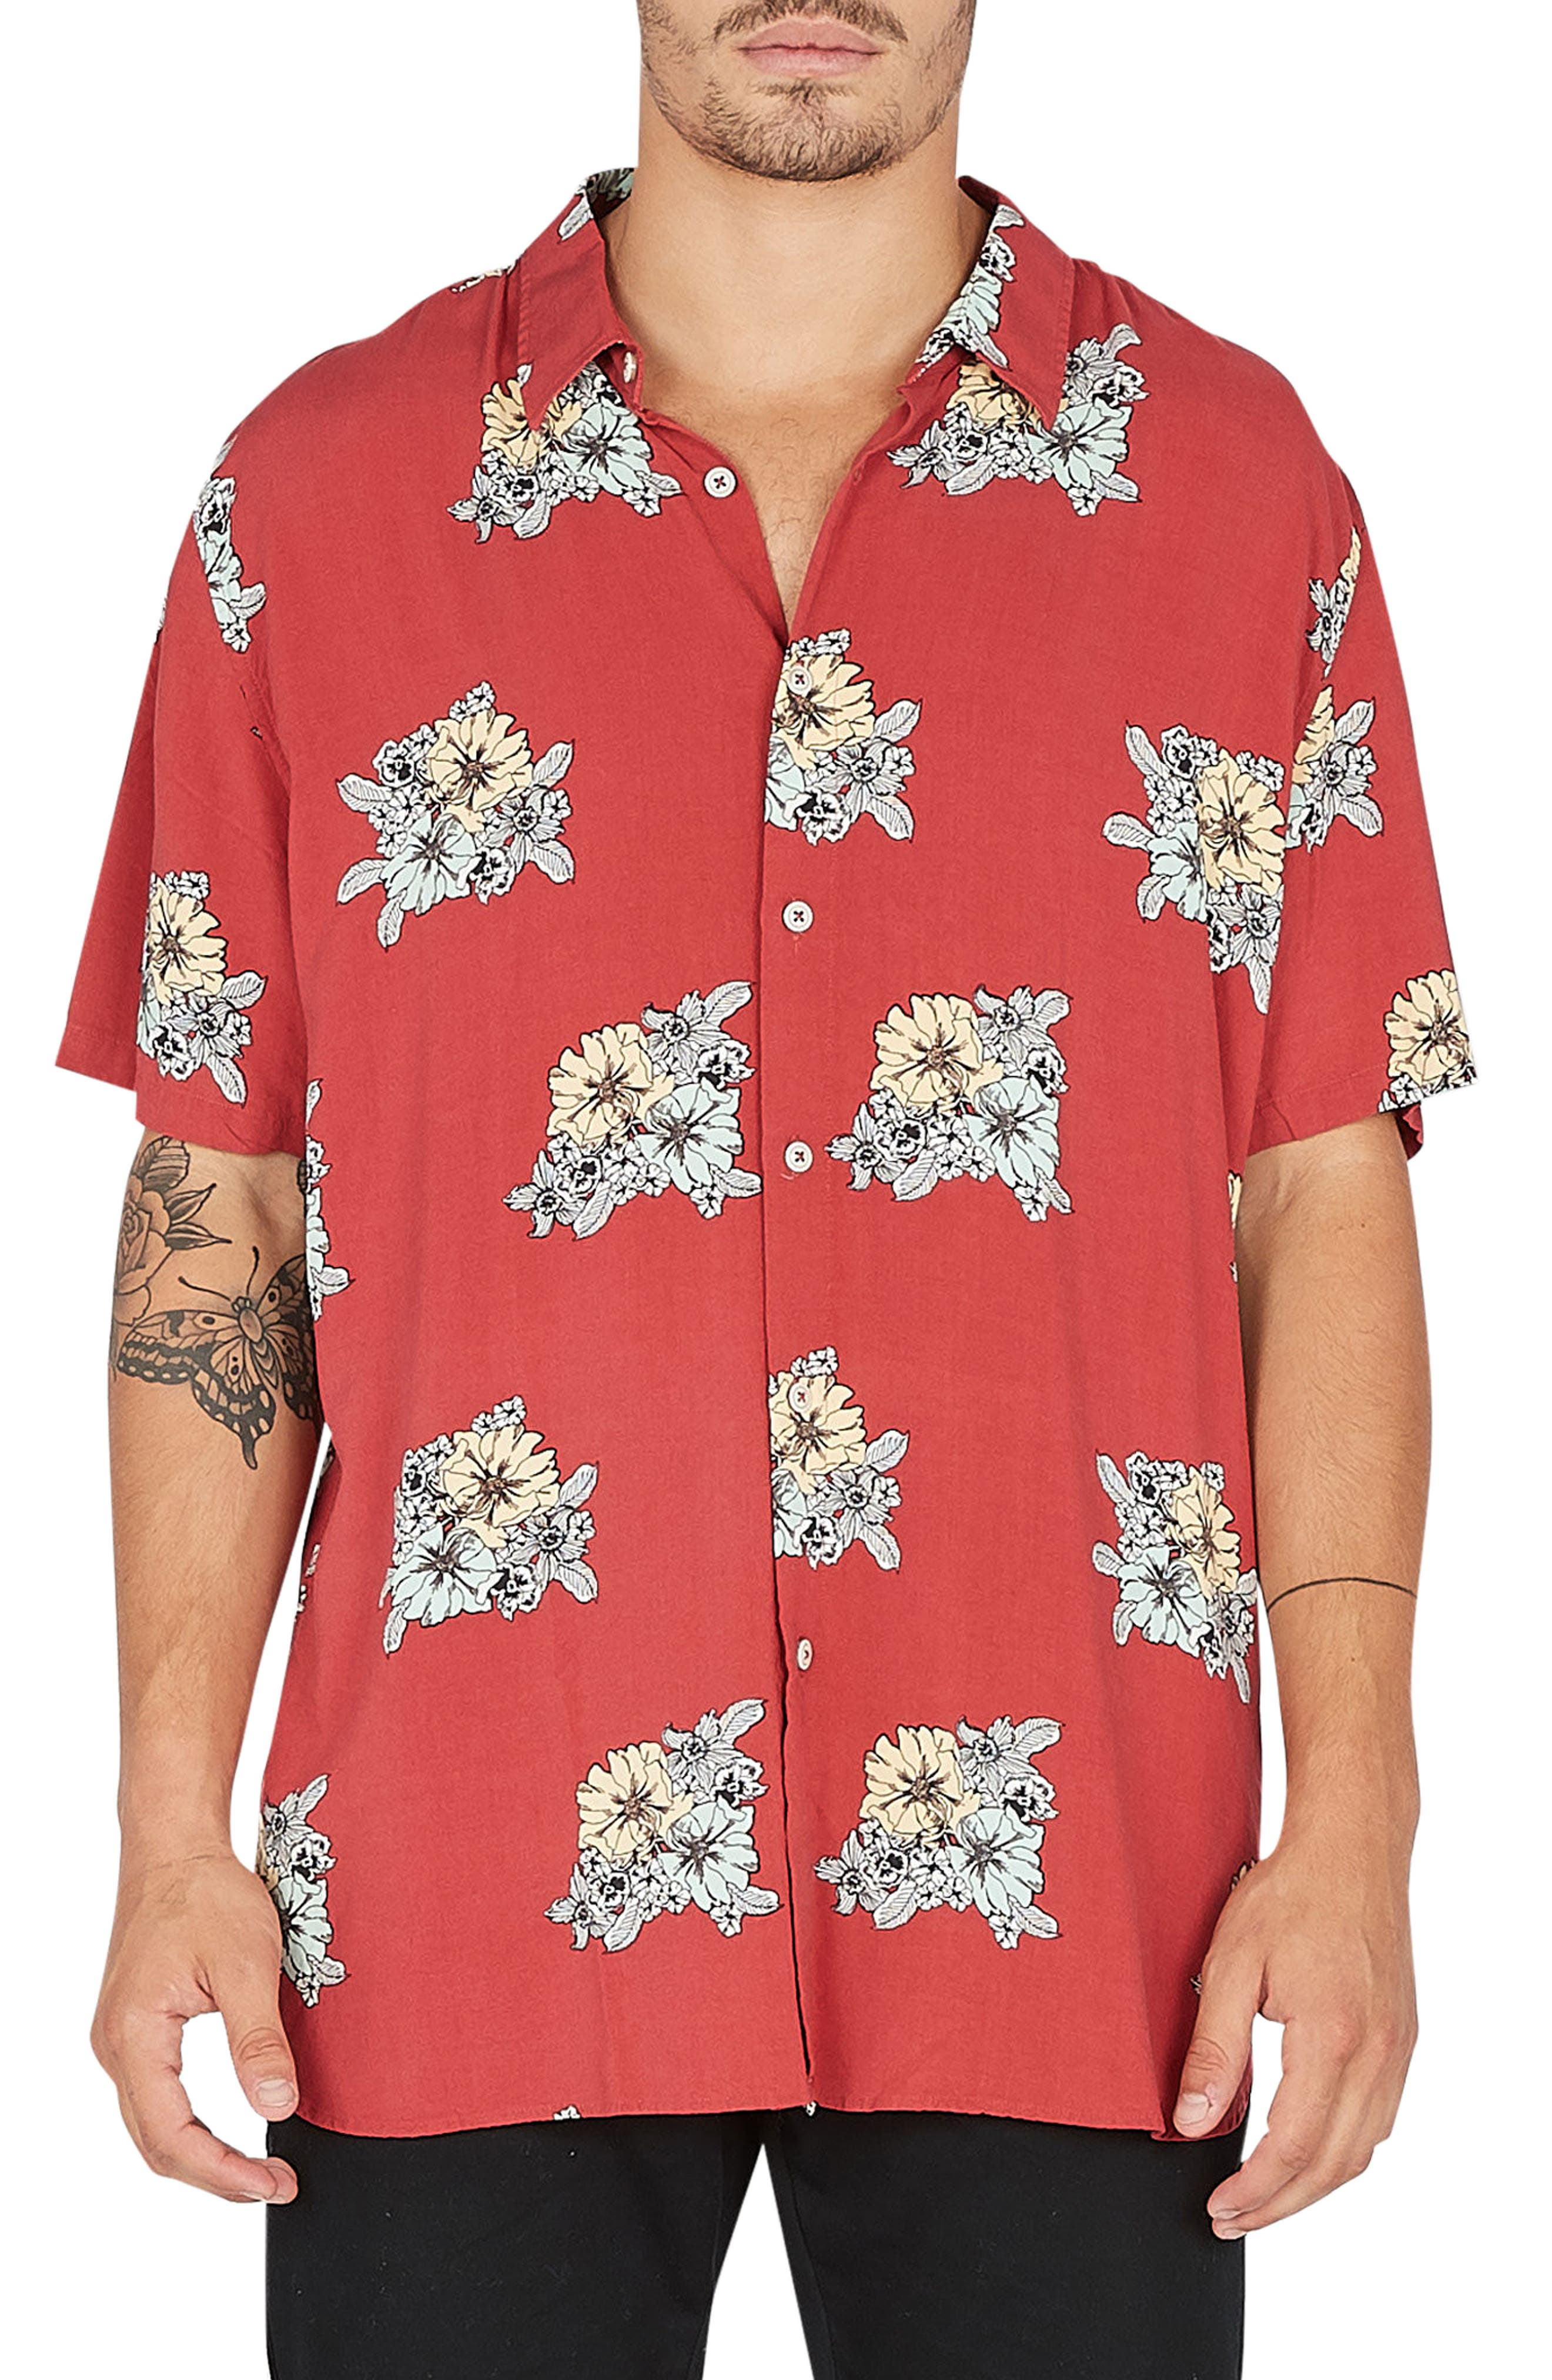 Holiday Woven Shirt,                             Main thumbnail 1, color,                             600